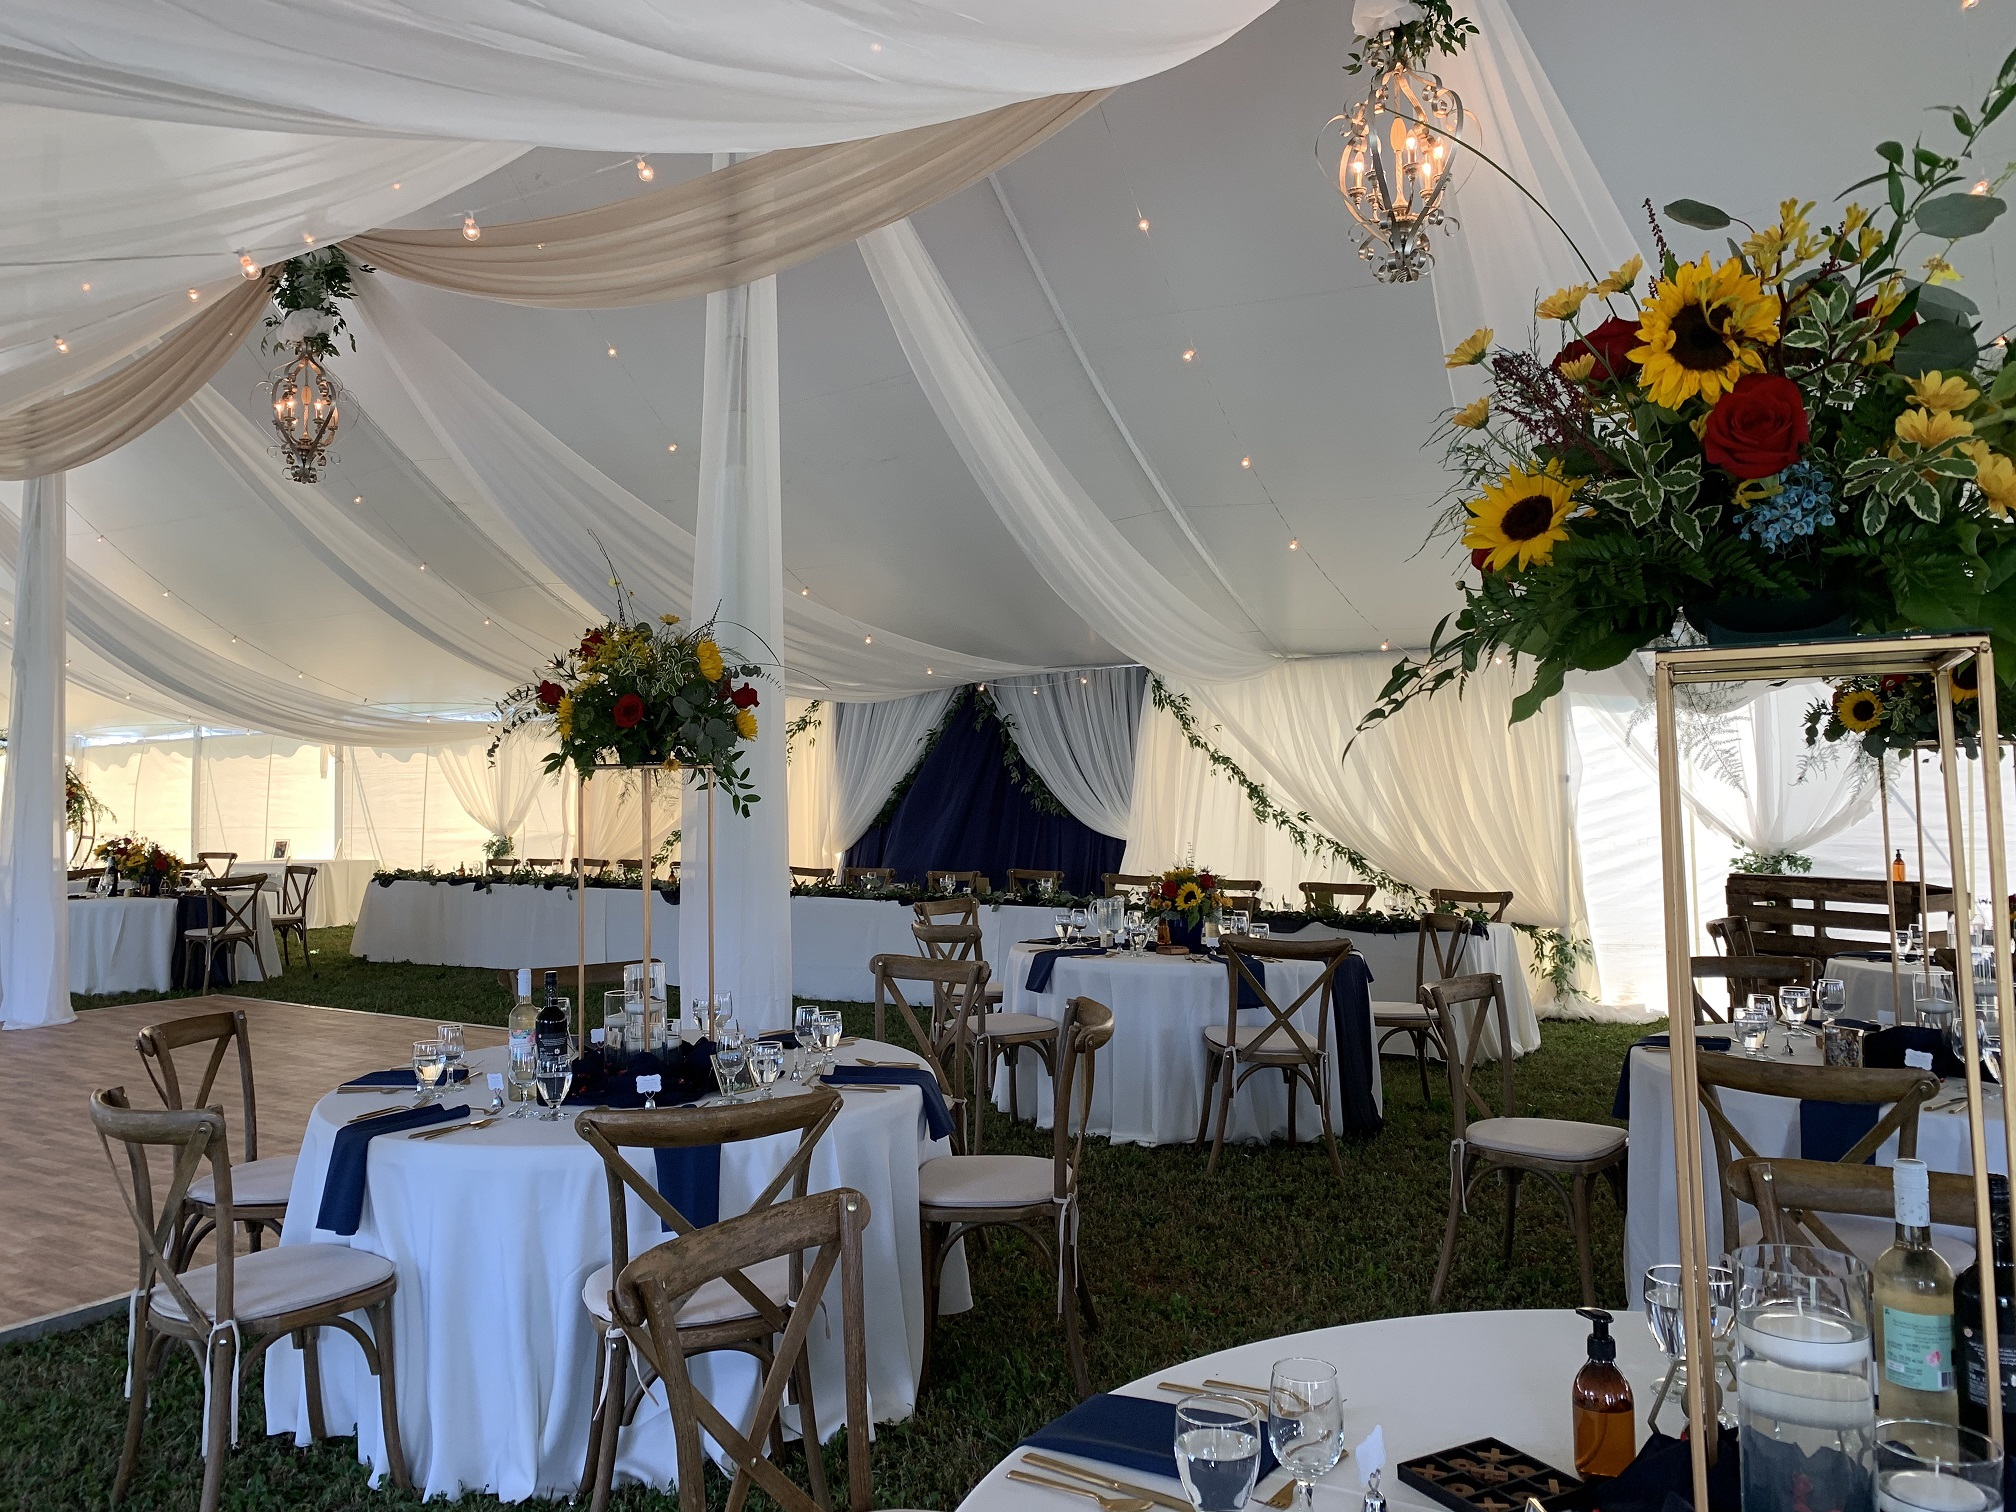 Tent wedding decor by devine wedding design